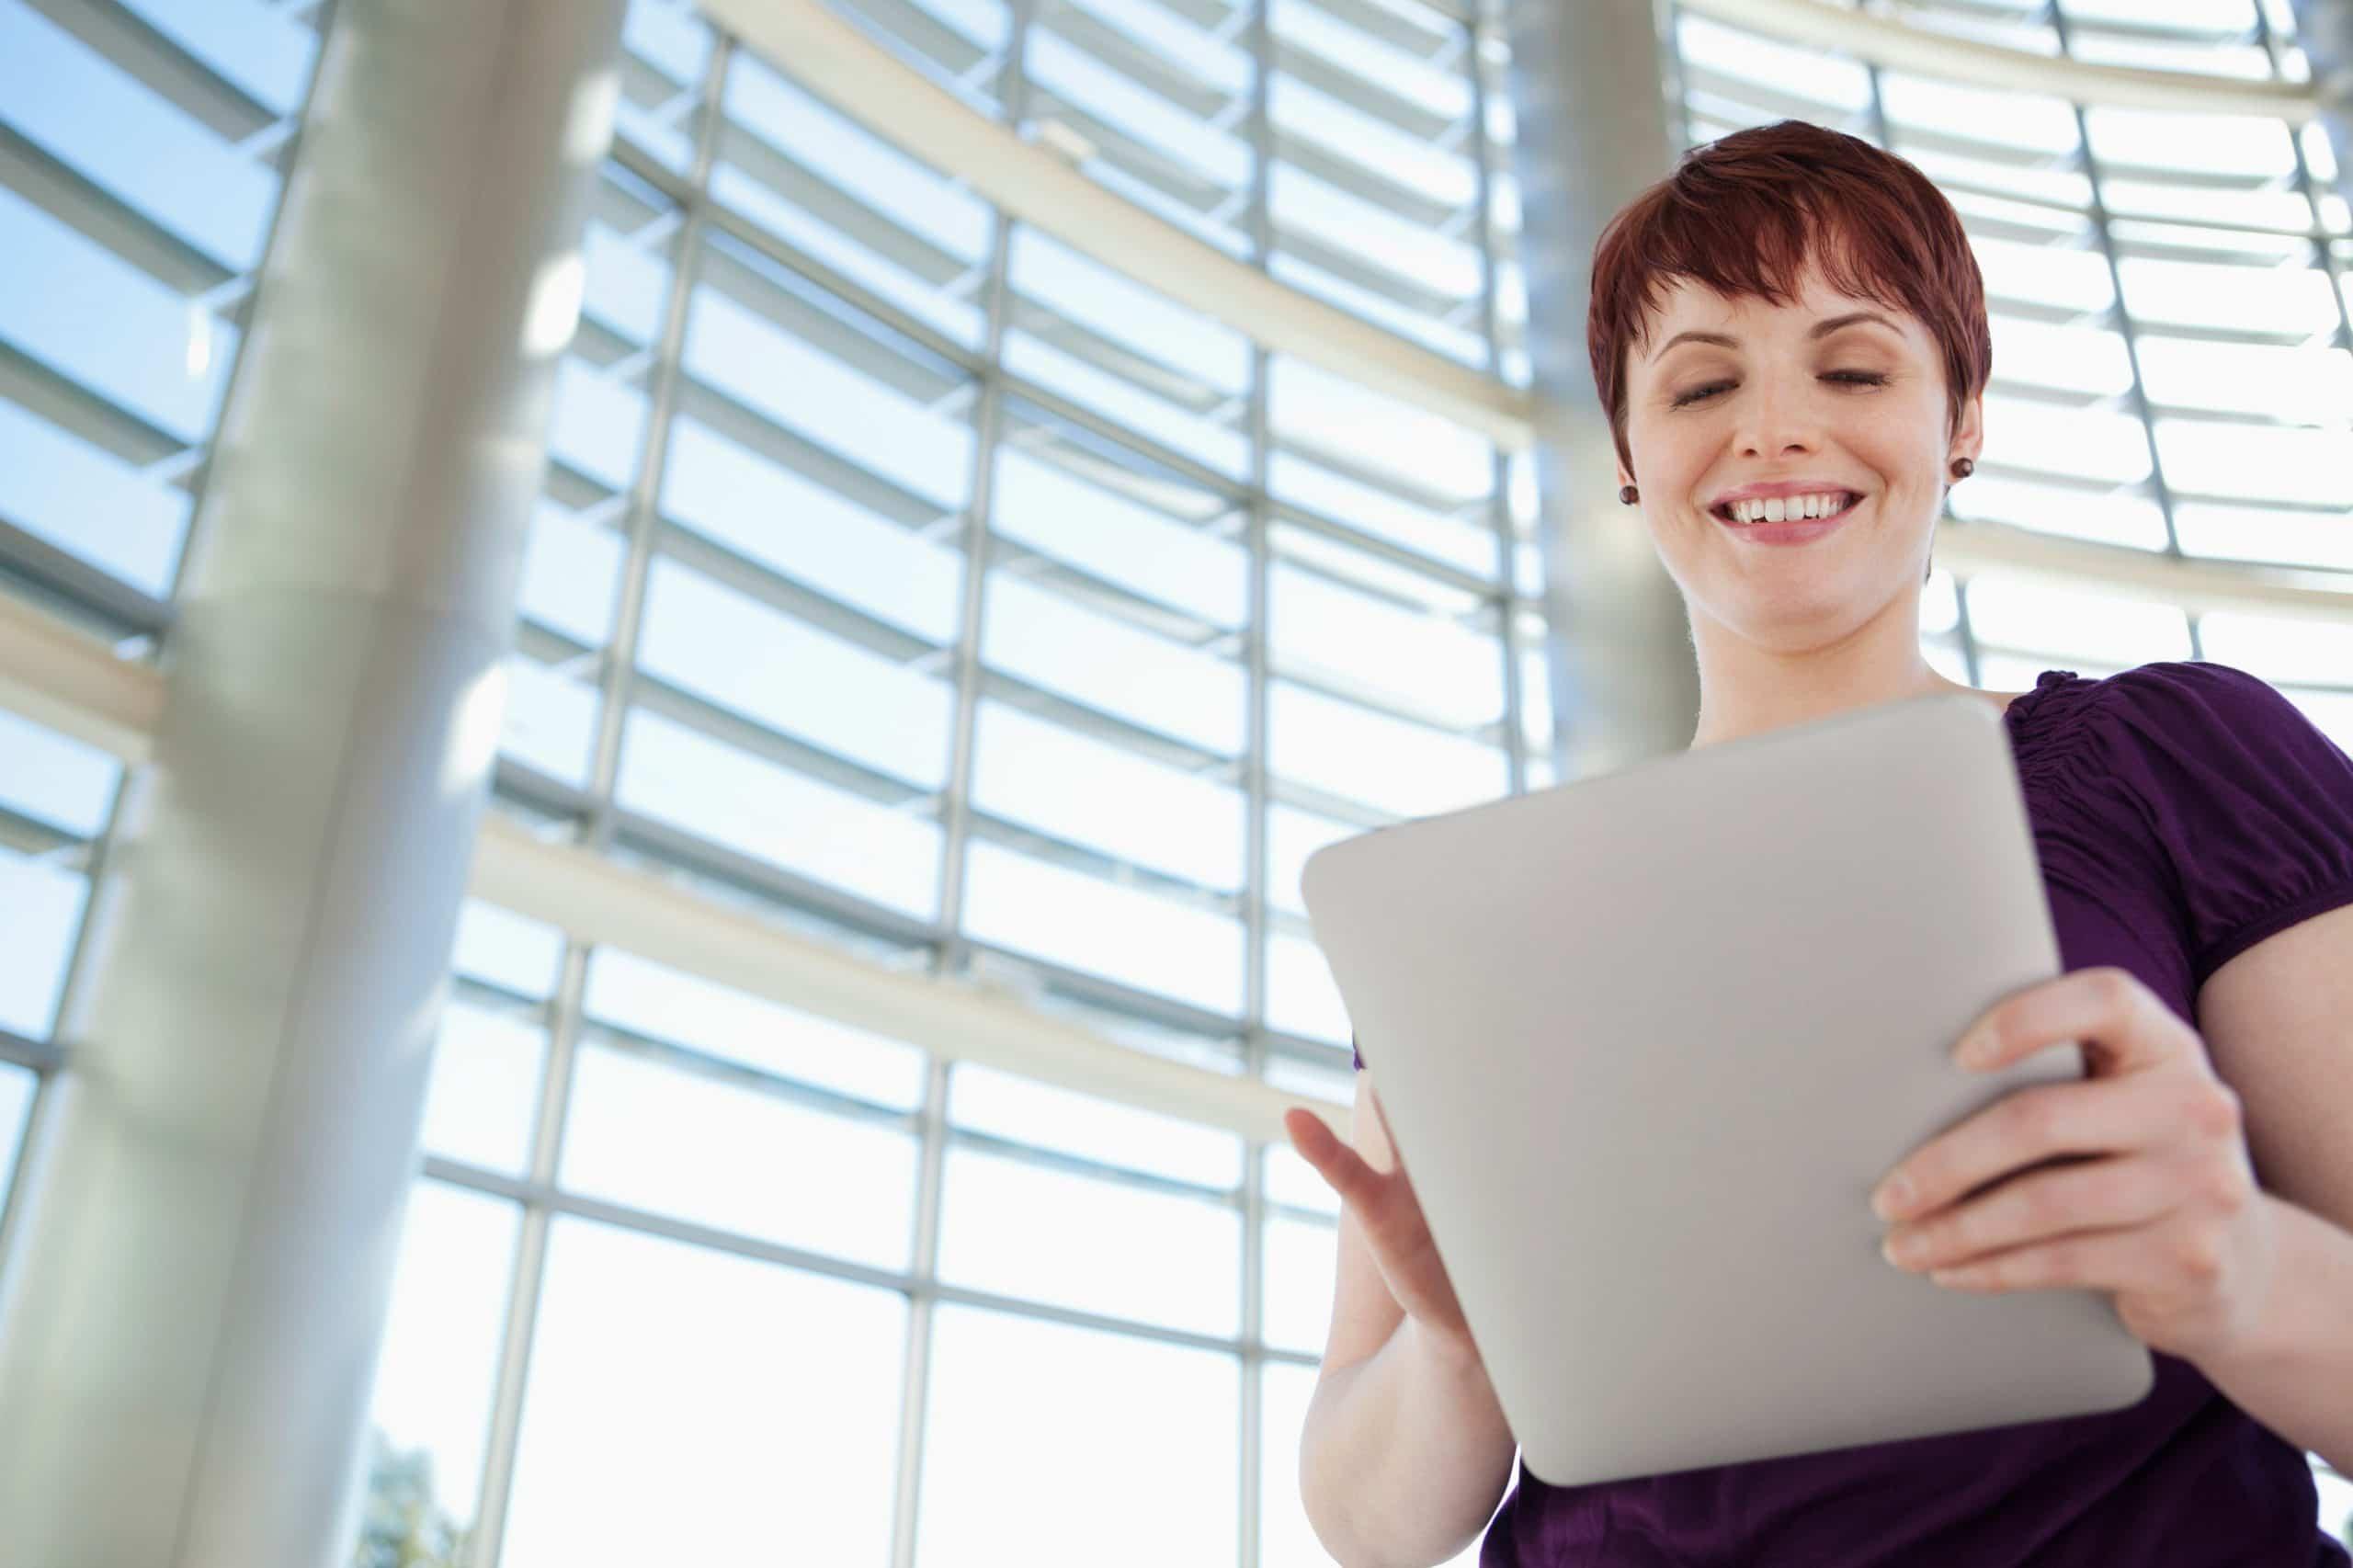 ¿Cómo puedo transformar mi compañía hoy mismo?